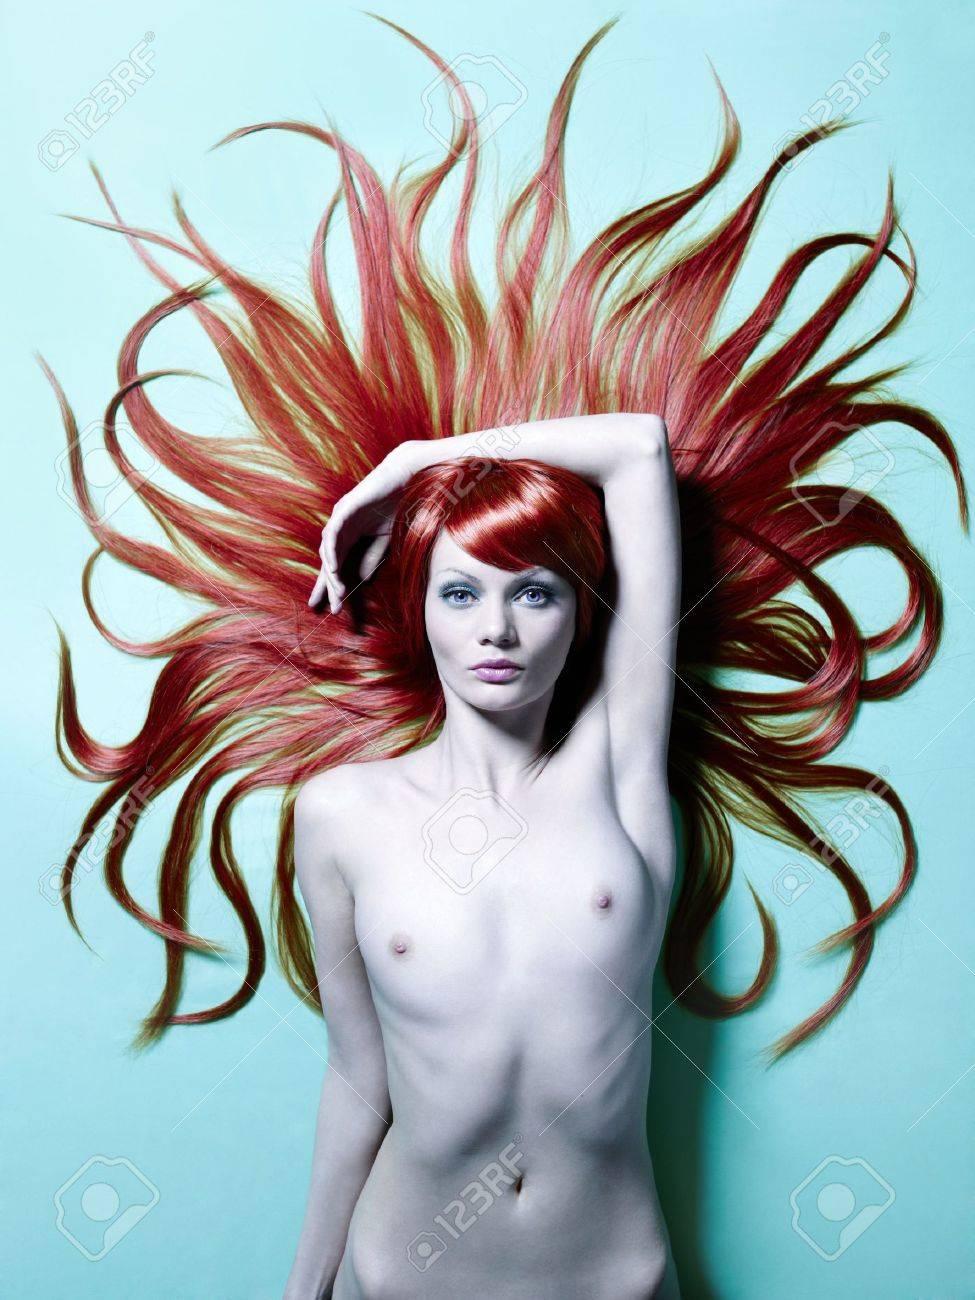 Insaniquarium mermaid nude mod exploited video